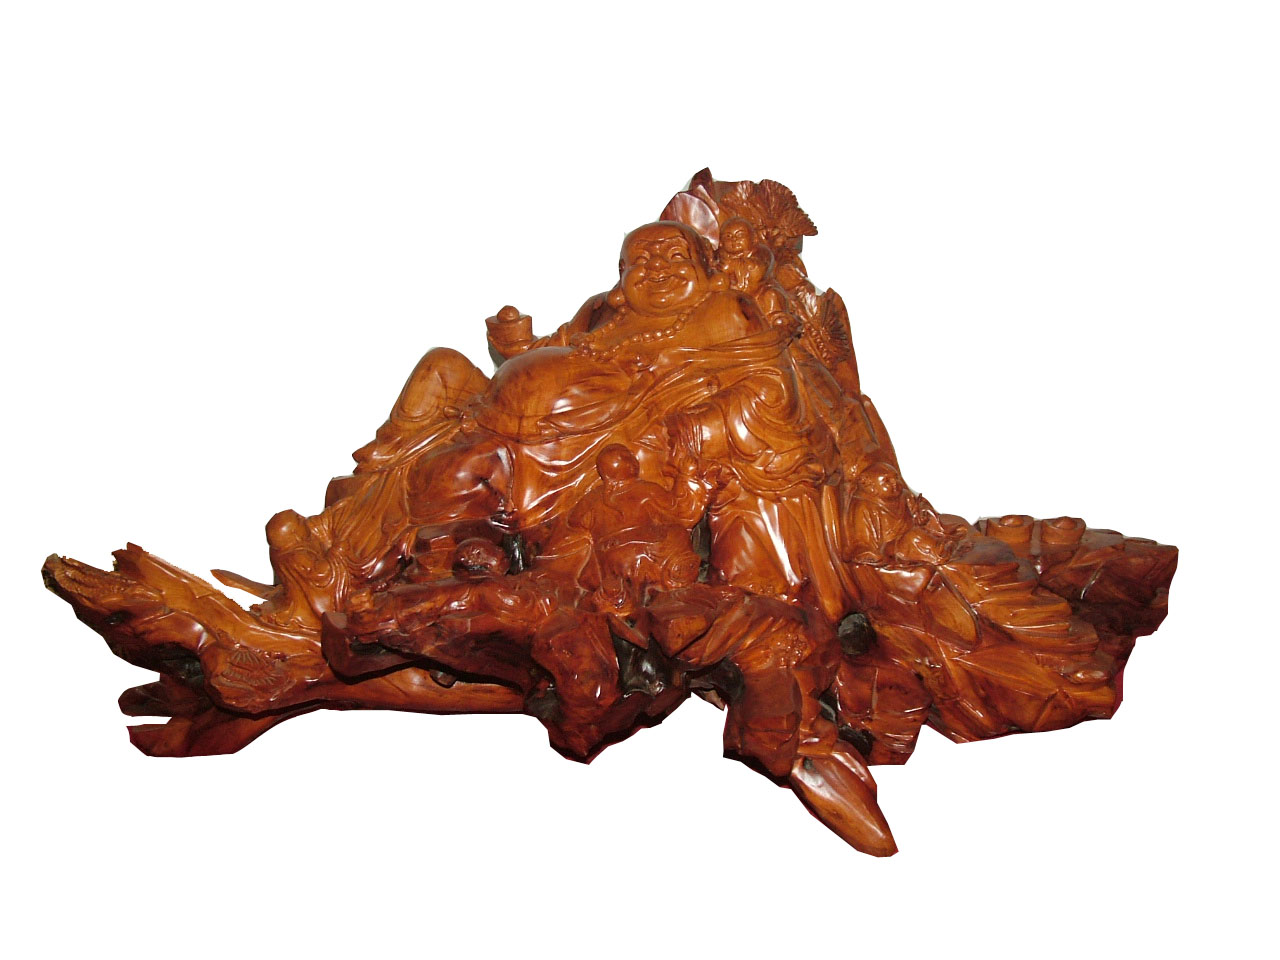 红豆杉根雕茶桌图片图片大全 红豆杉树根制作而成,茶桌是一